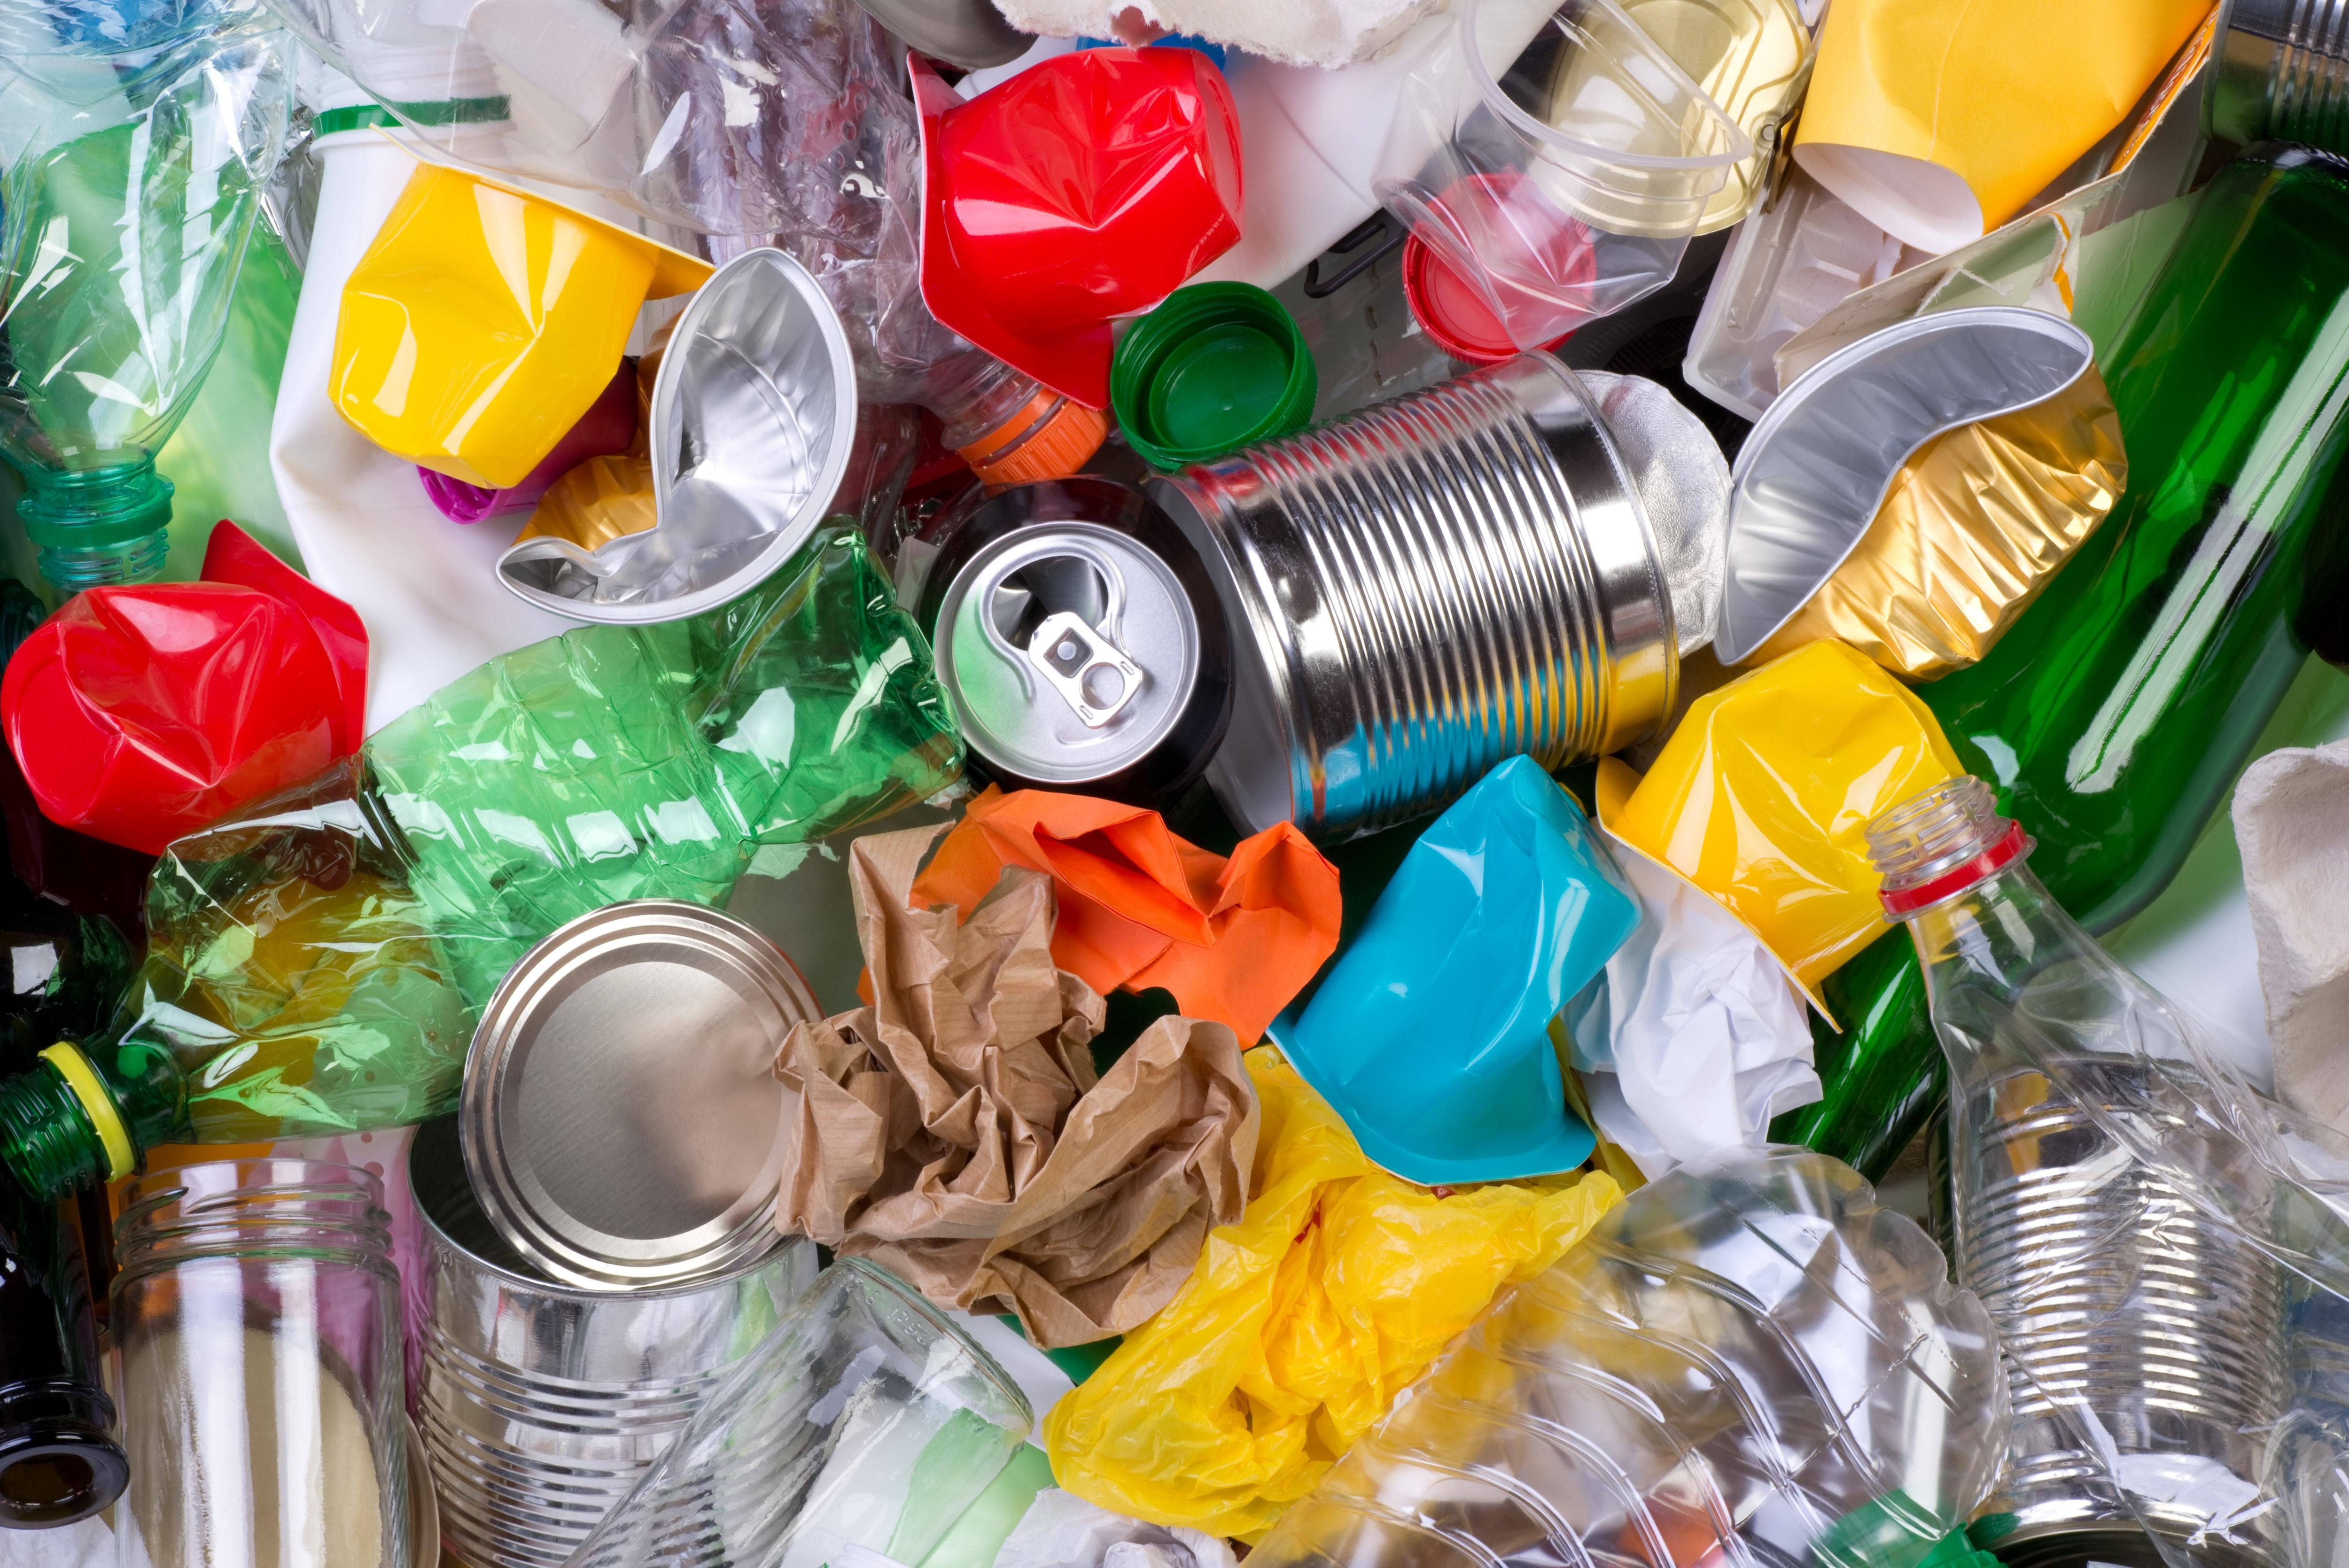 リサイクル・ゴミの分別